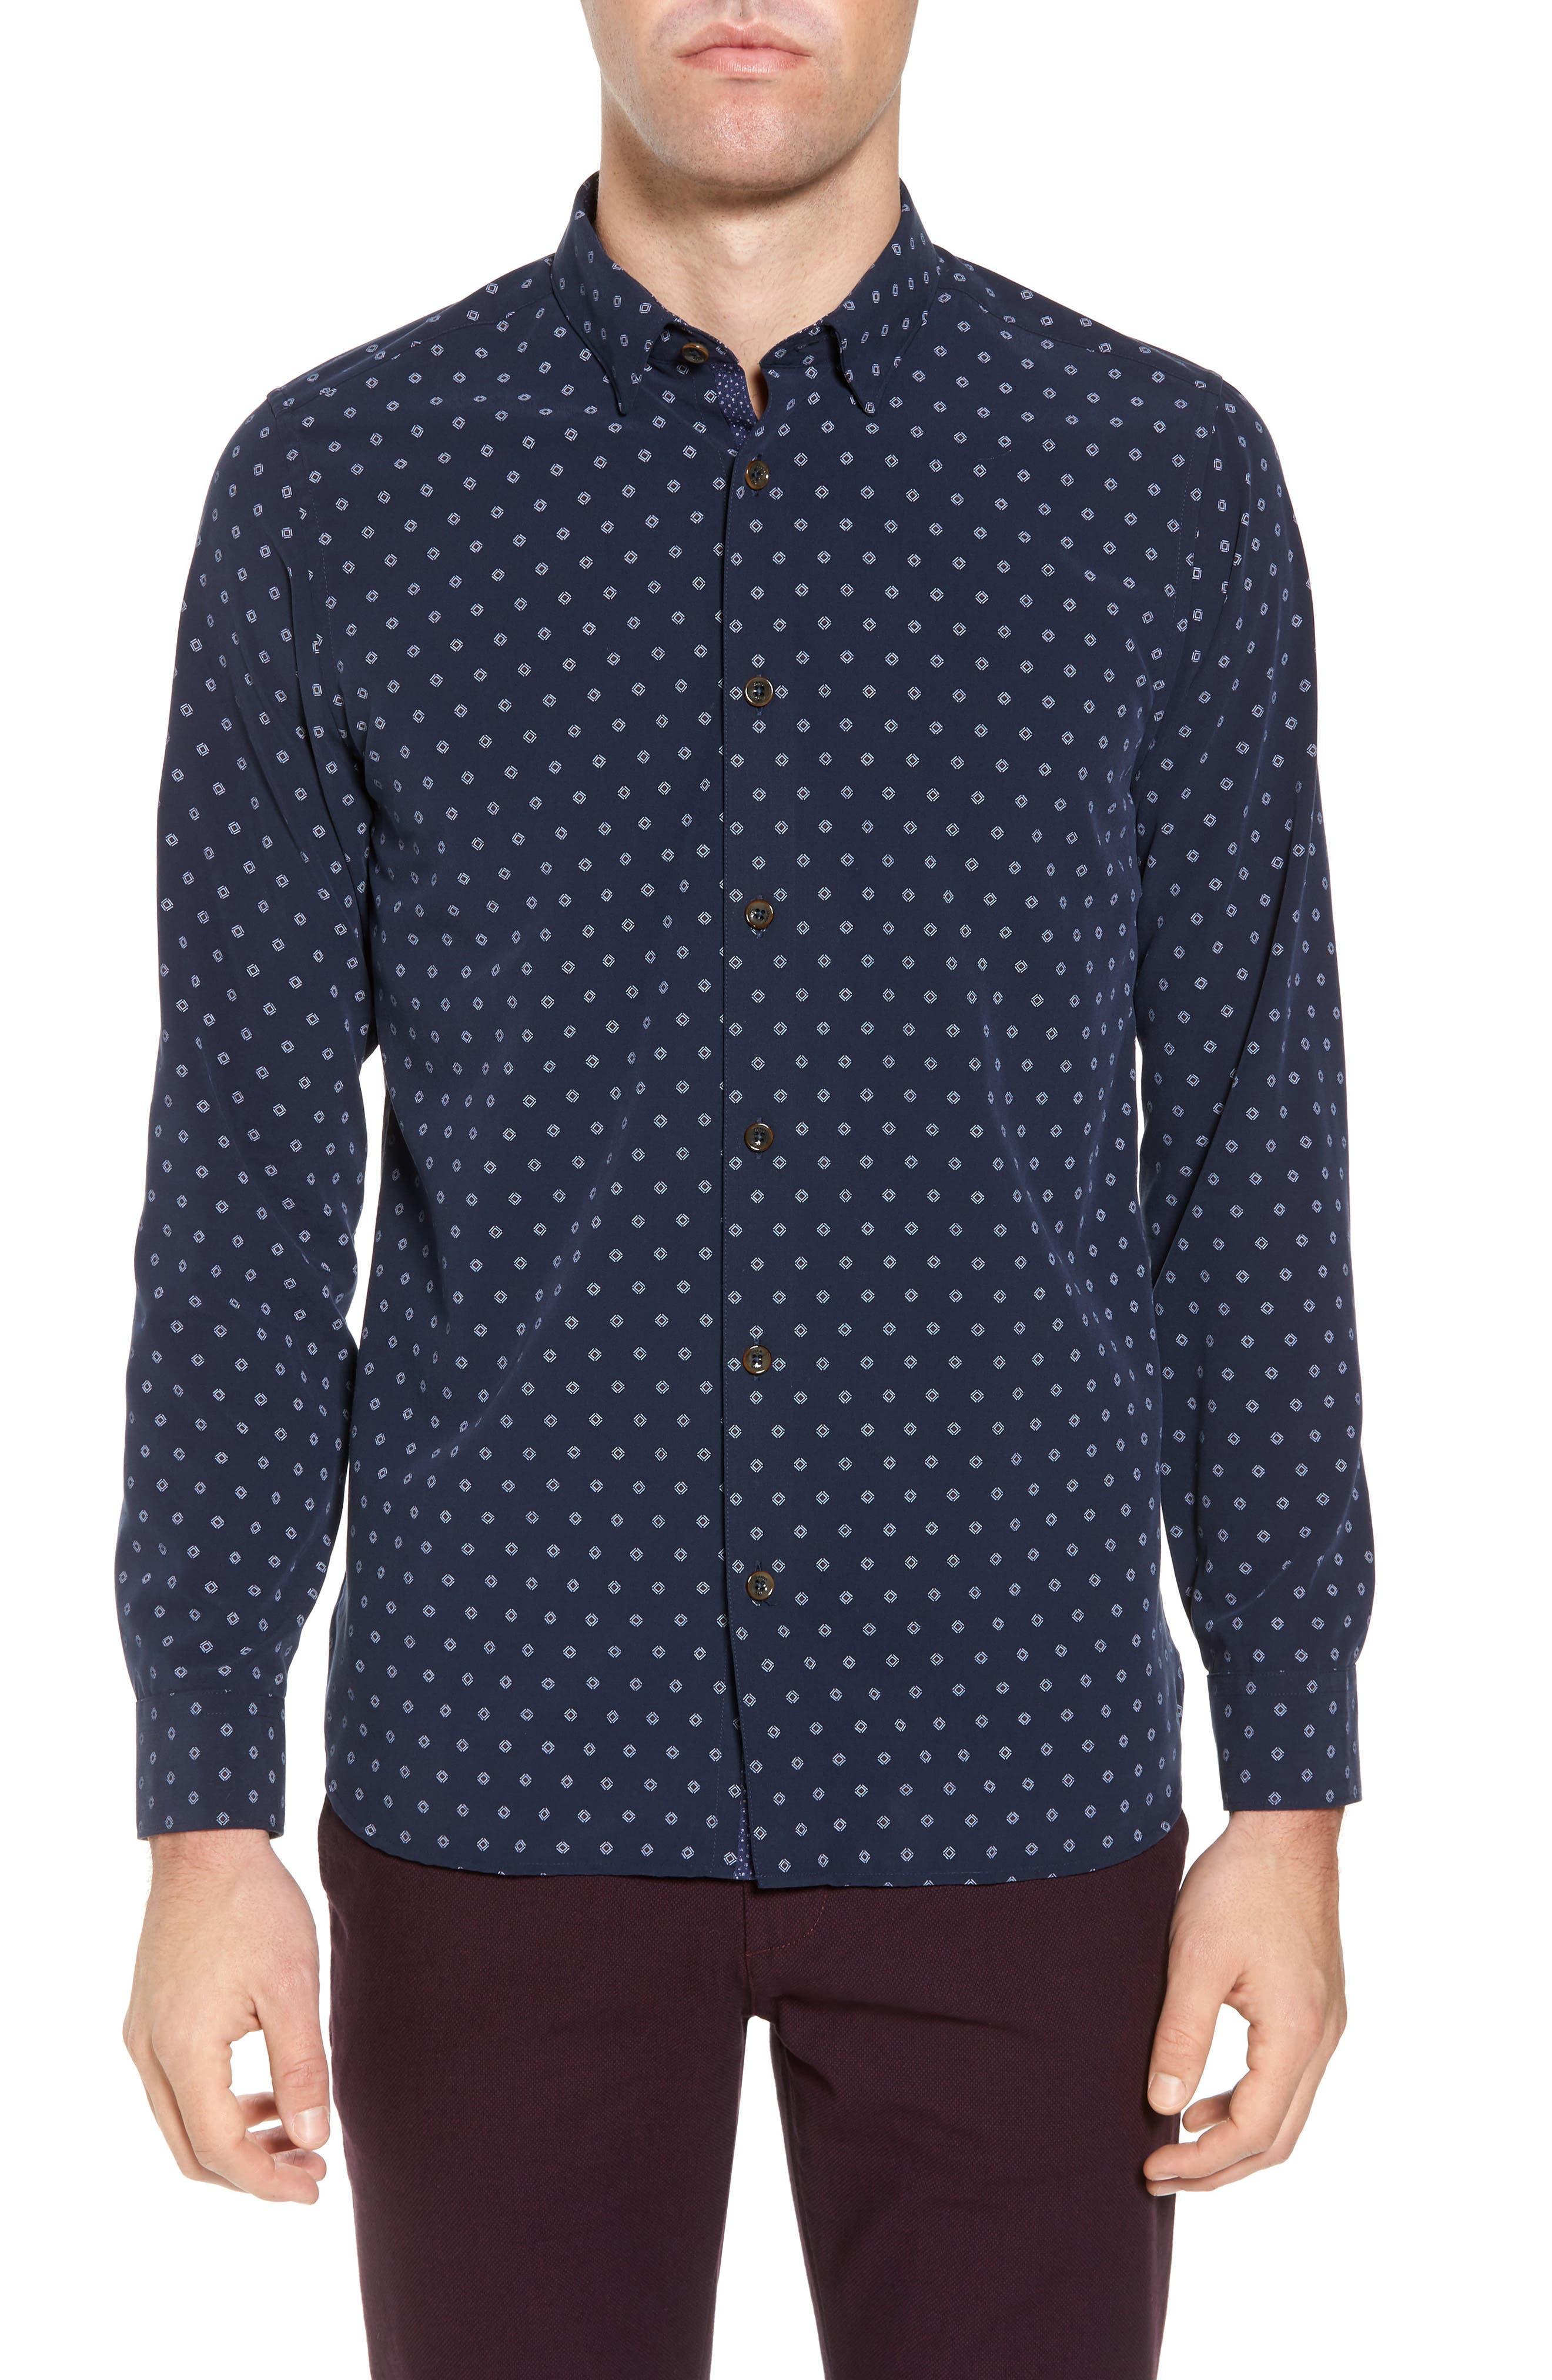 Ilensky Micro Diamond Trim Sport Shirt,                         Main,                         color, Navy